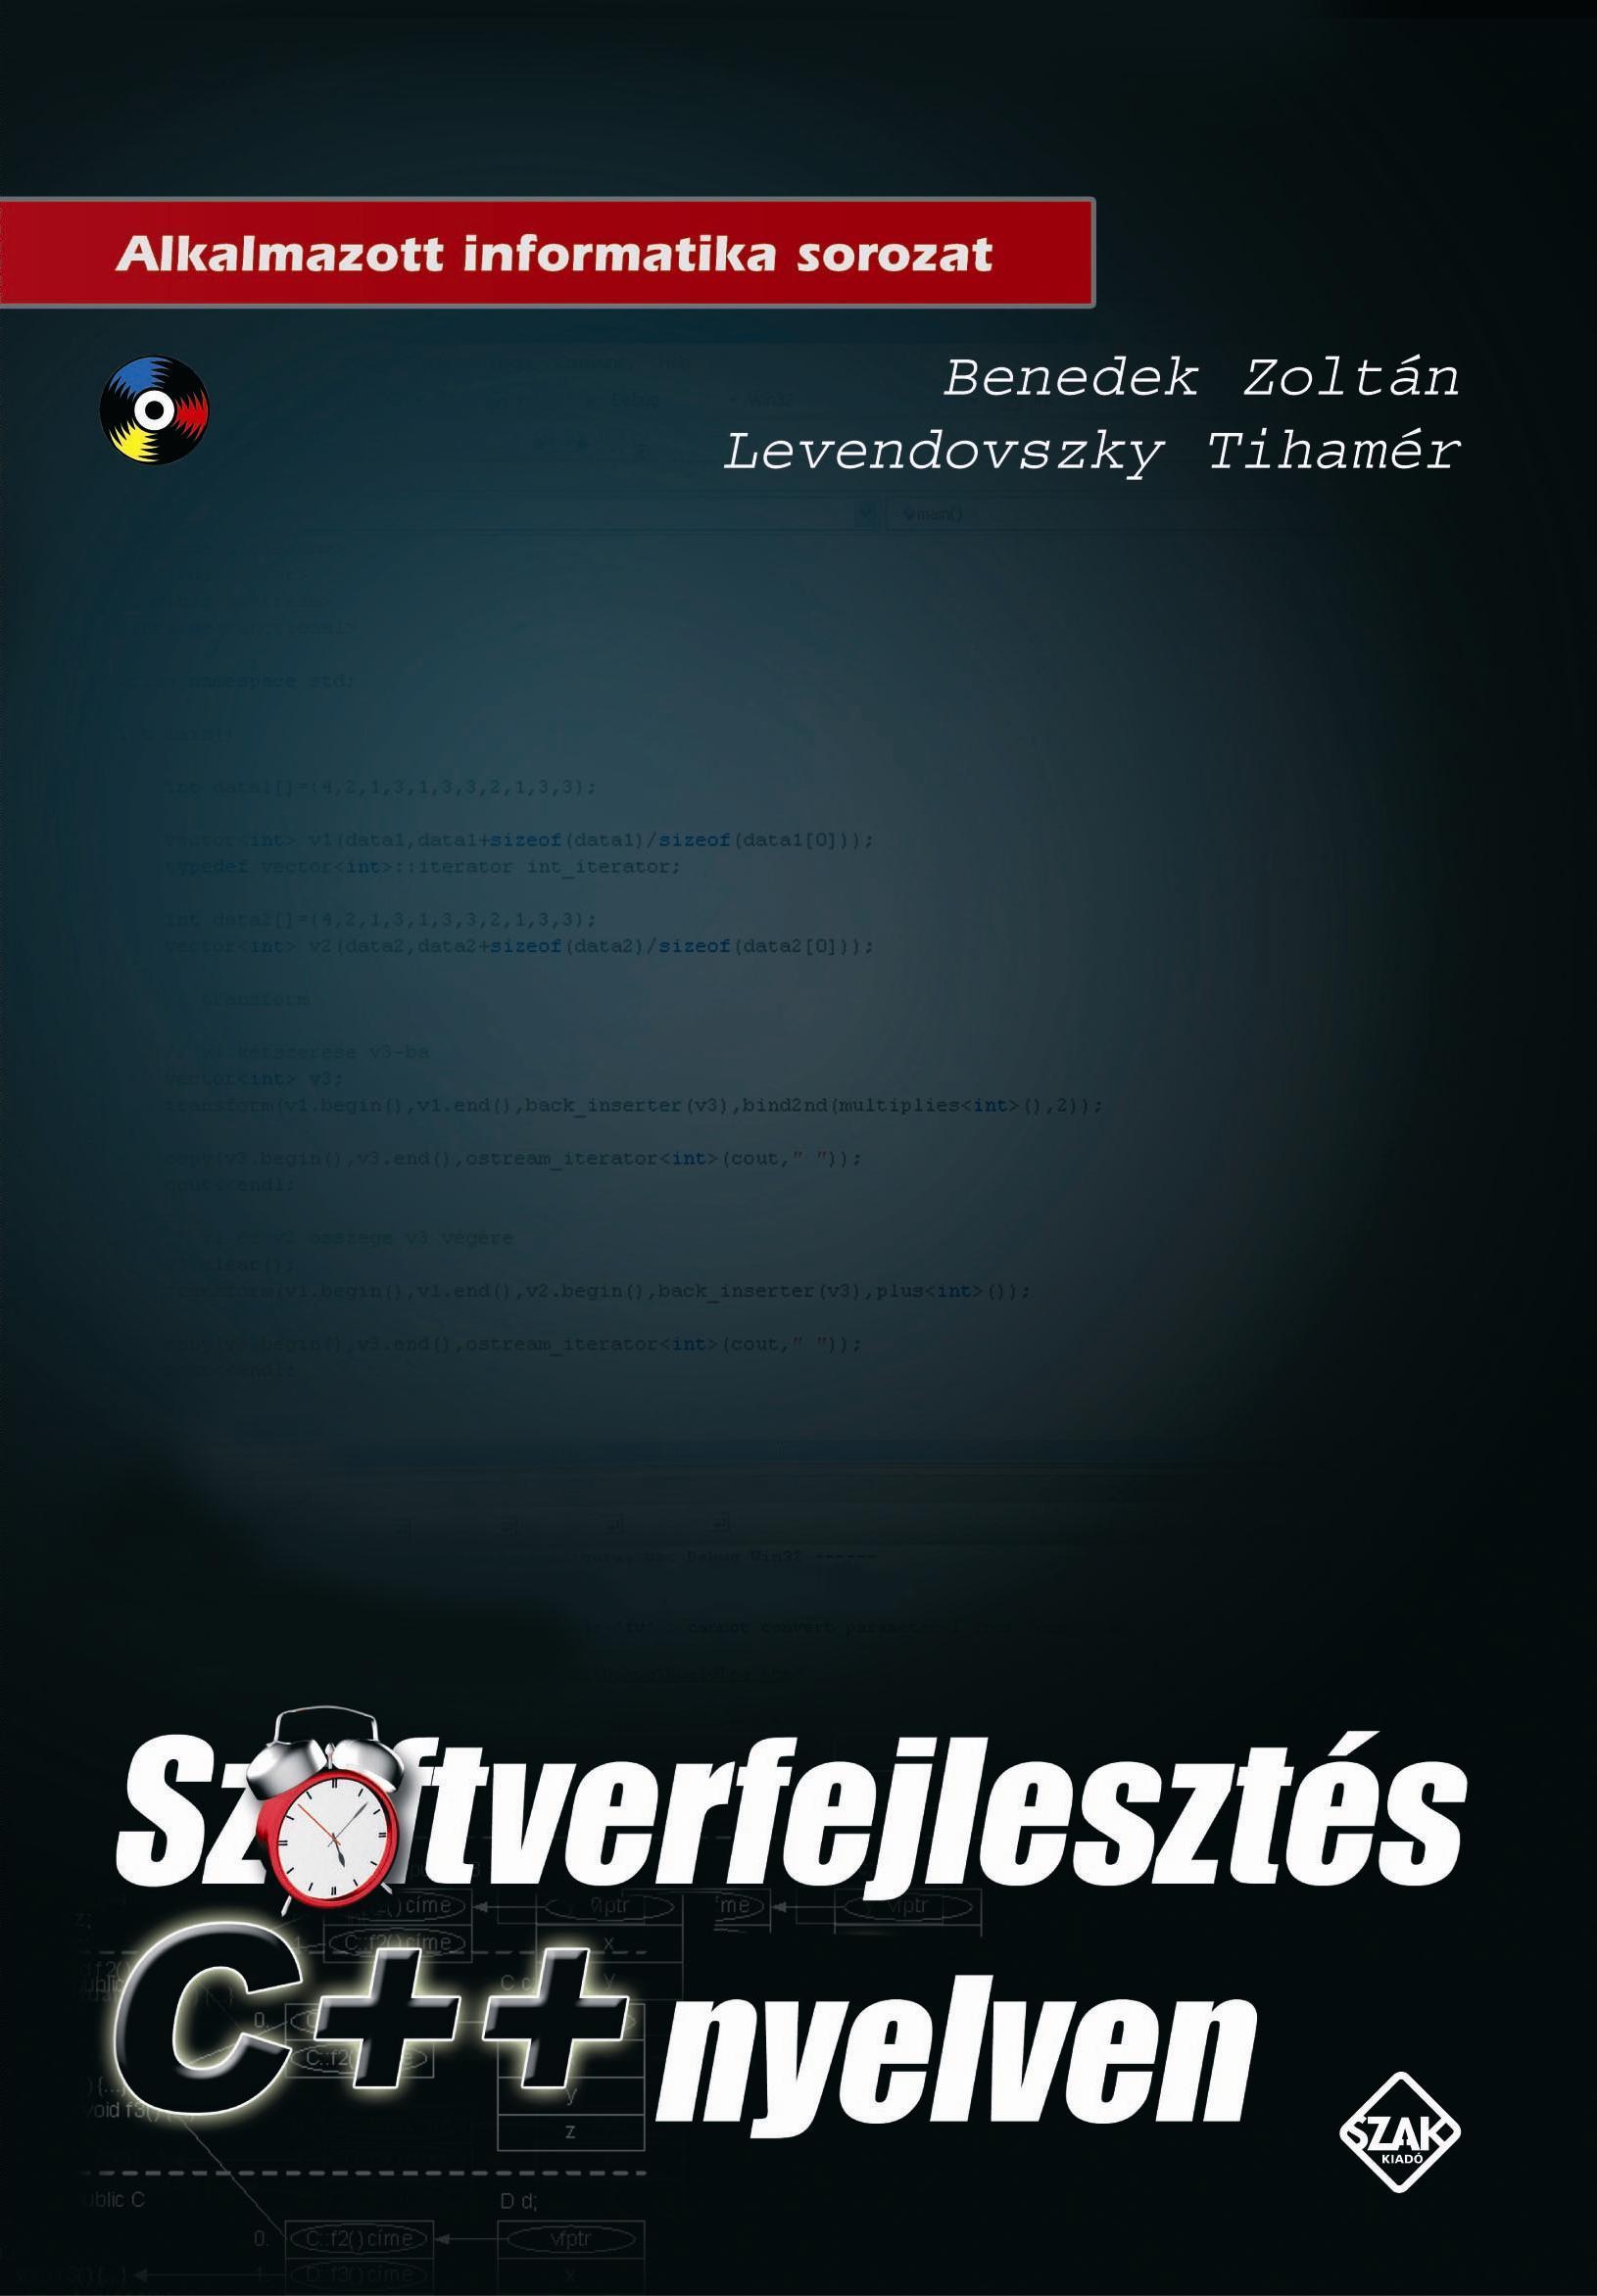 BENEDEK ZOLTÁN - LEVENDOVSZKY TIHAMÉR - SZOFTVERFEJLESZTÉS C ++ NYELVEN - CD-VEL